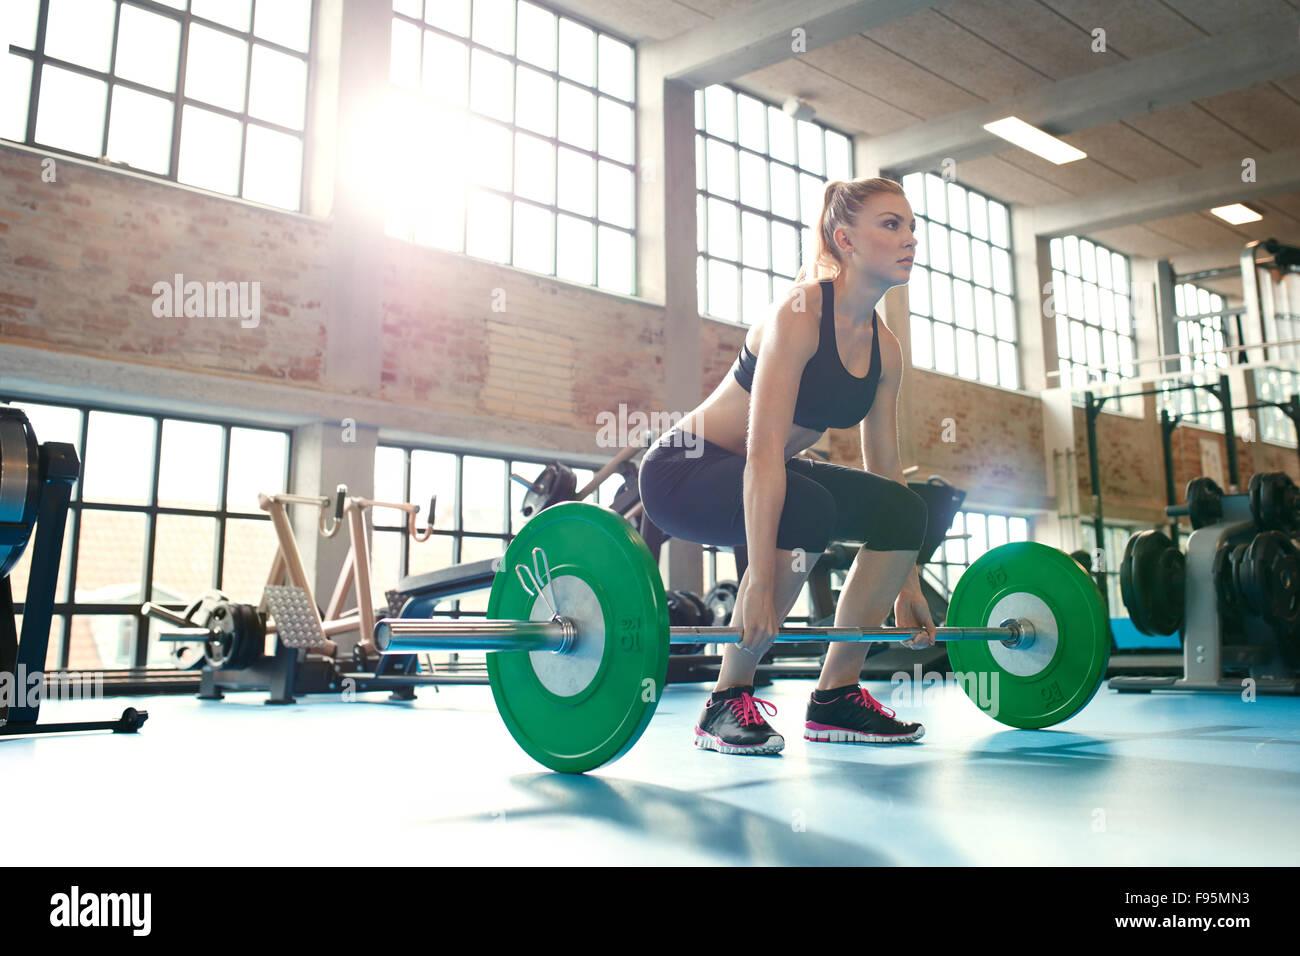 Déterminée et forte femme fitness entraînement avec des poids lourds en club de remise en forme. Photo Stock